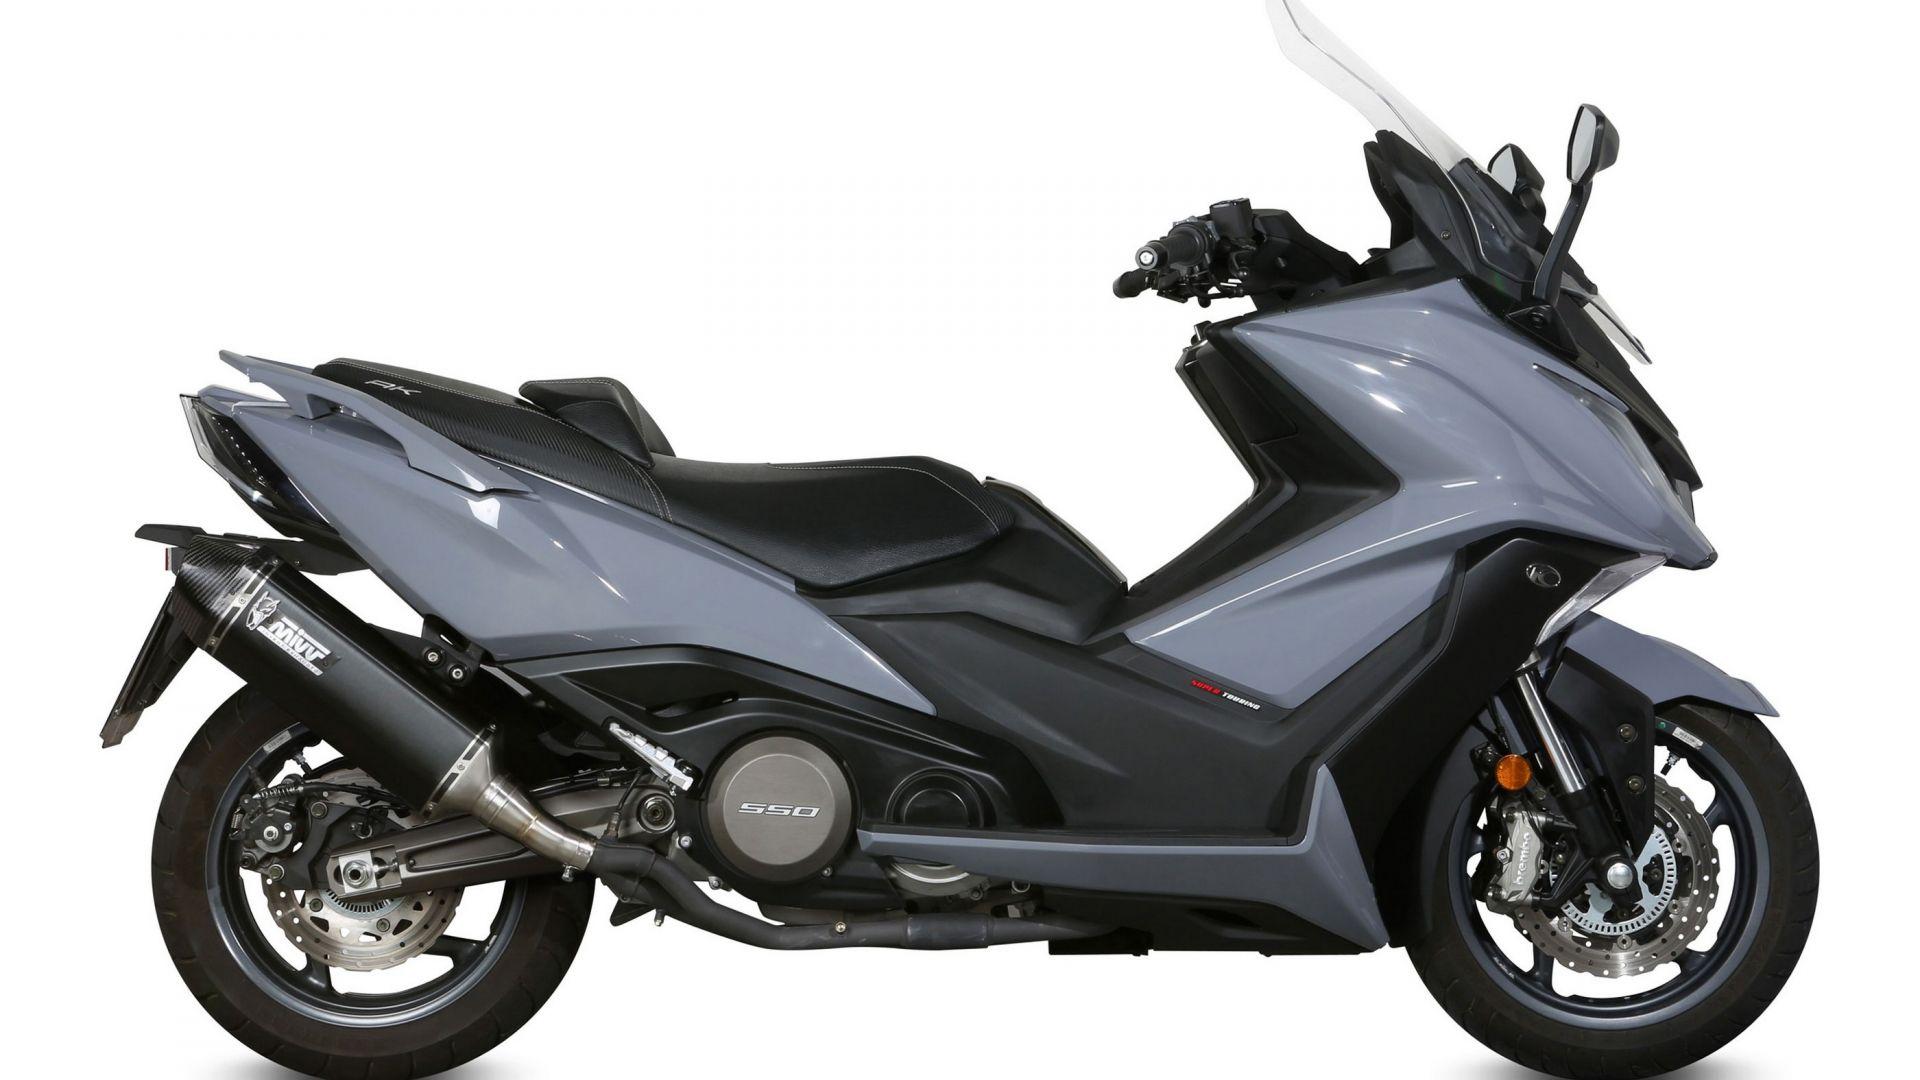 Mivv Terminali Di Scarico Per Yamaha T Max 530 E Kymco Ak